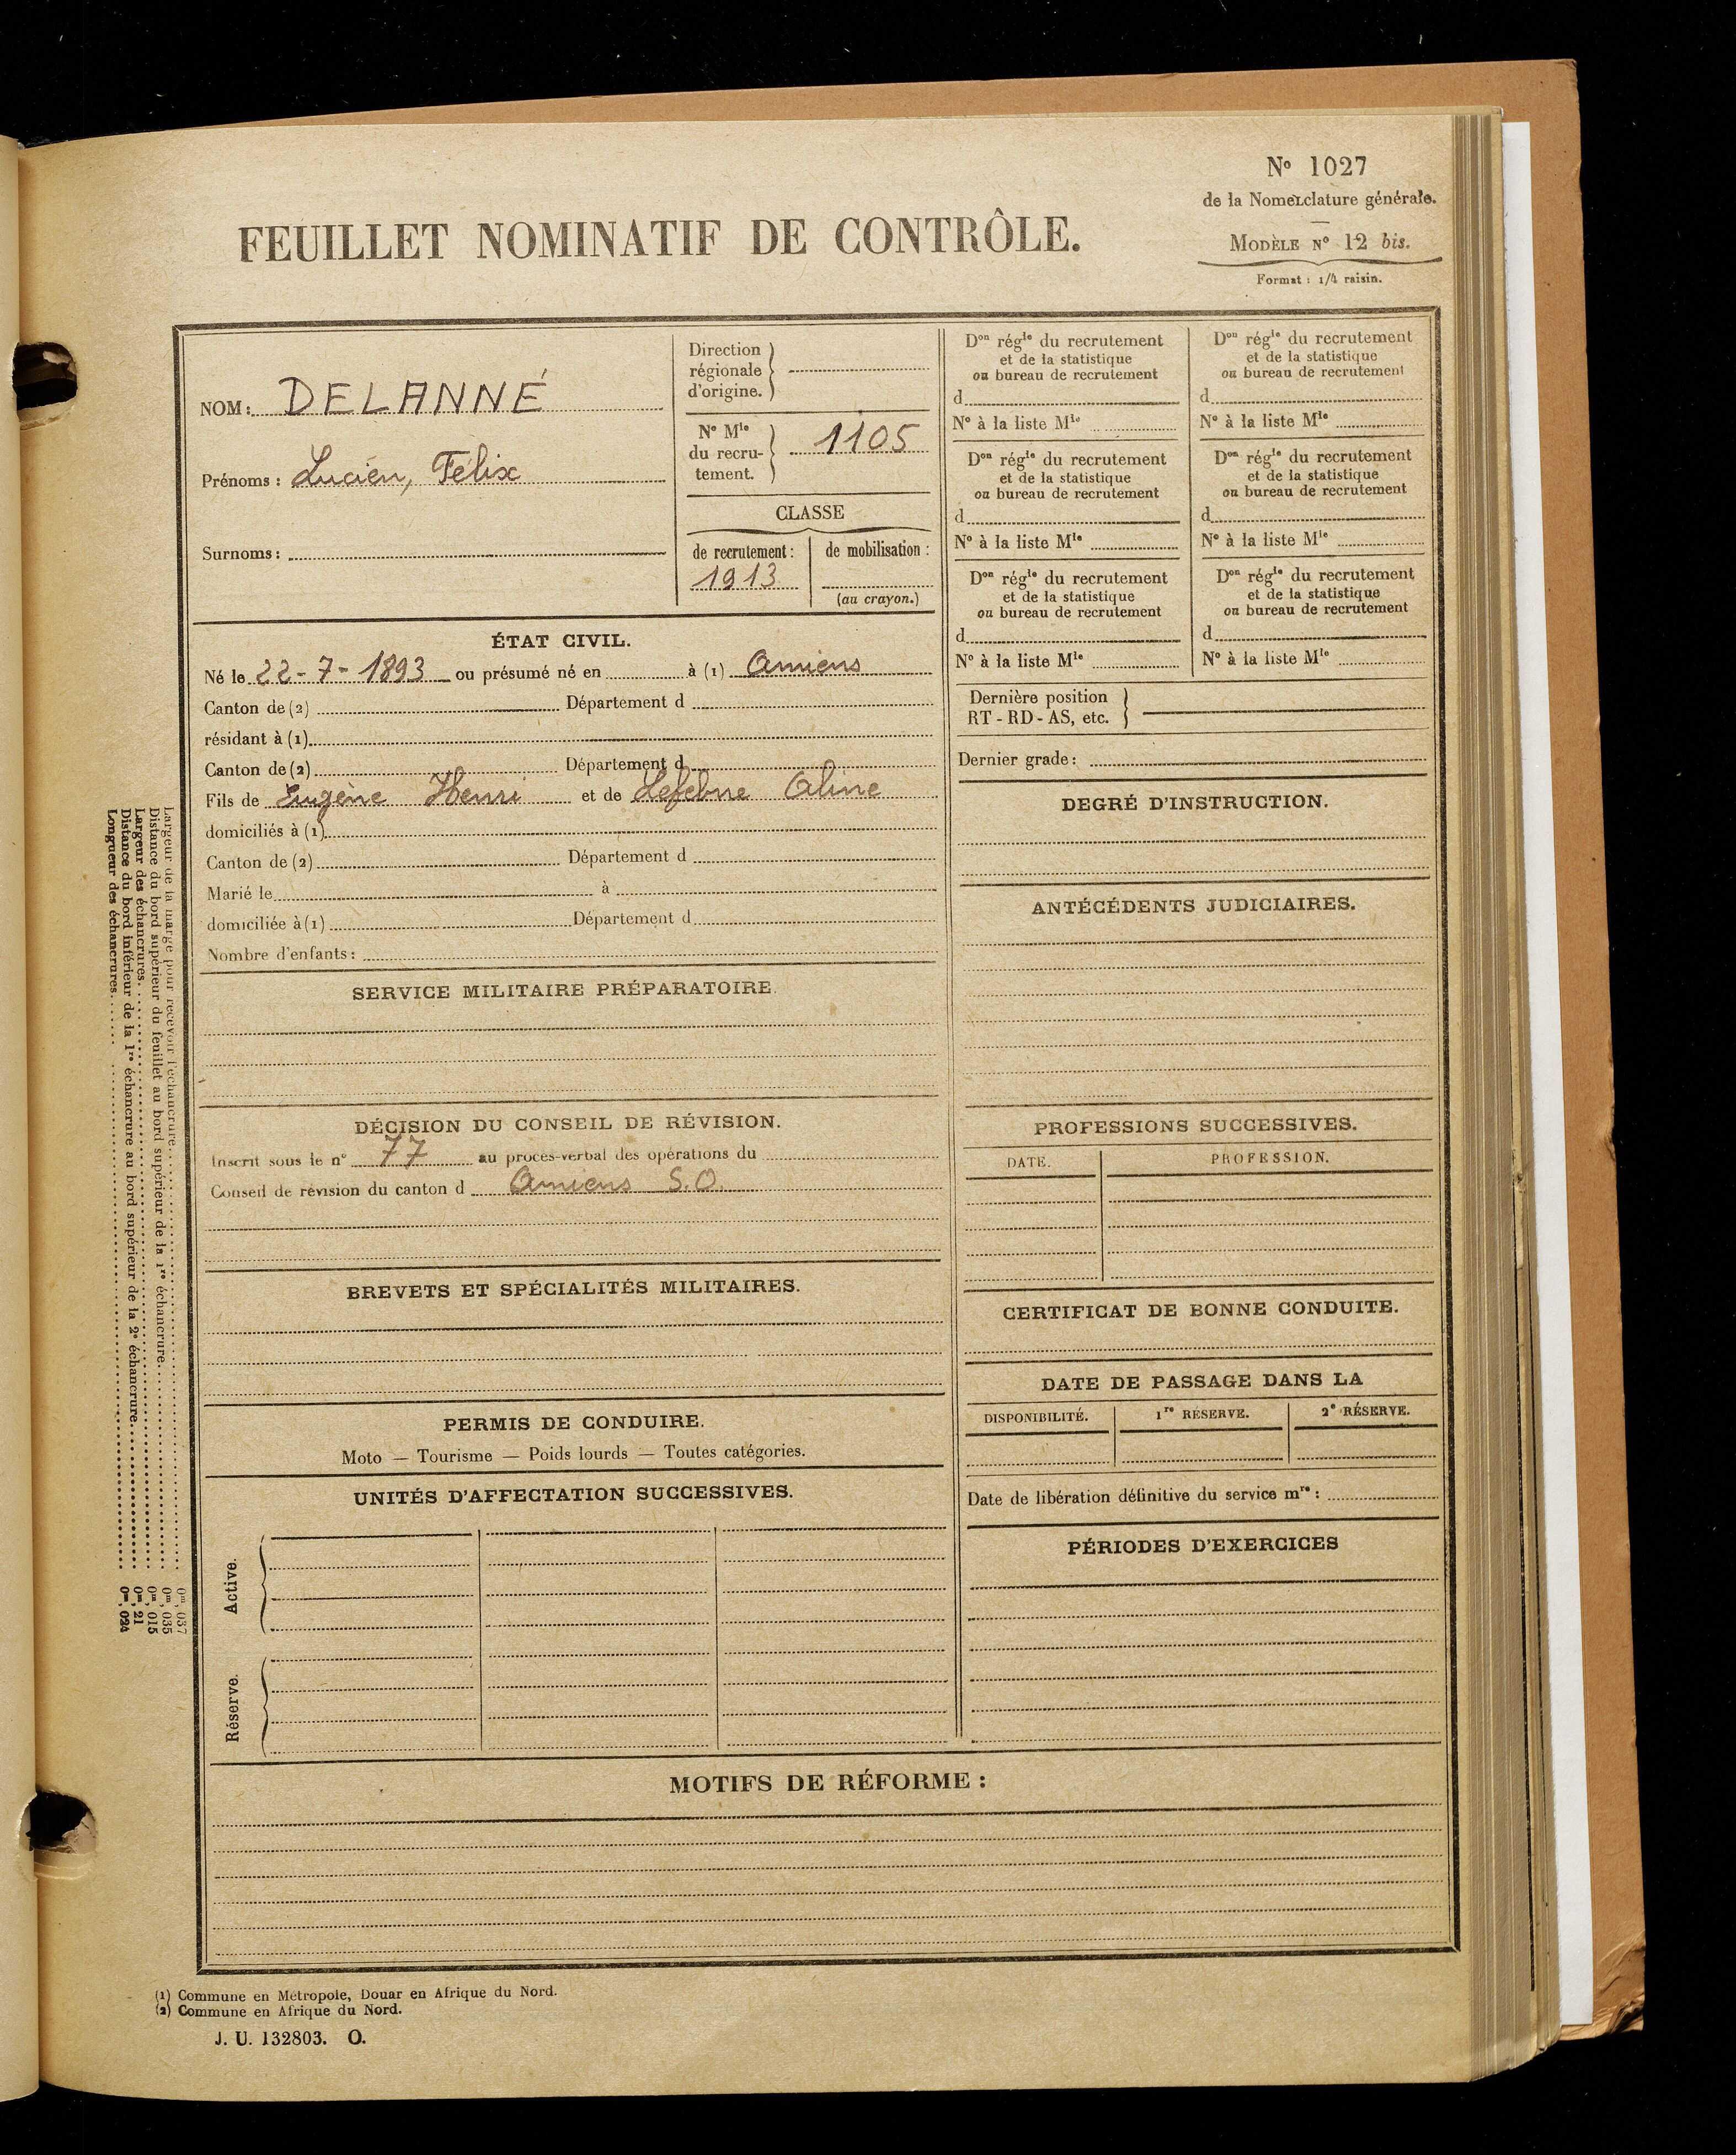 Delauné, Lucien Félix, né le 22 juillet 1893 à Amiens (Somme), classe 1913, matricule n° 1105, Bureau de recrutement d'Amiens